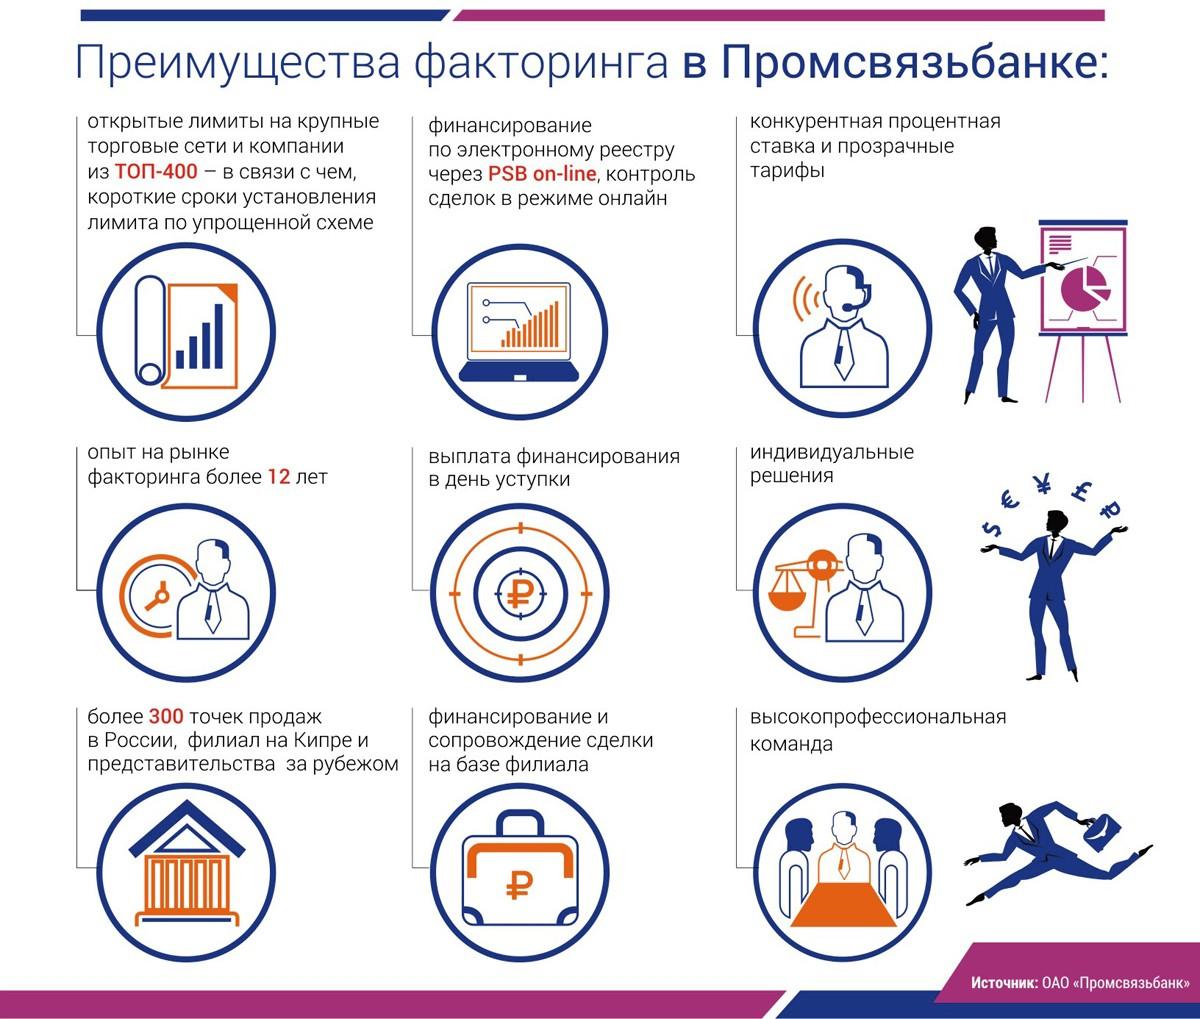 Преимущества факторинга в банке Промсвязьбанк